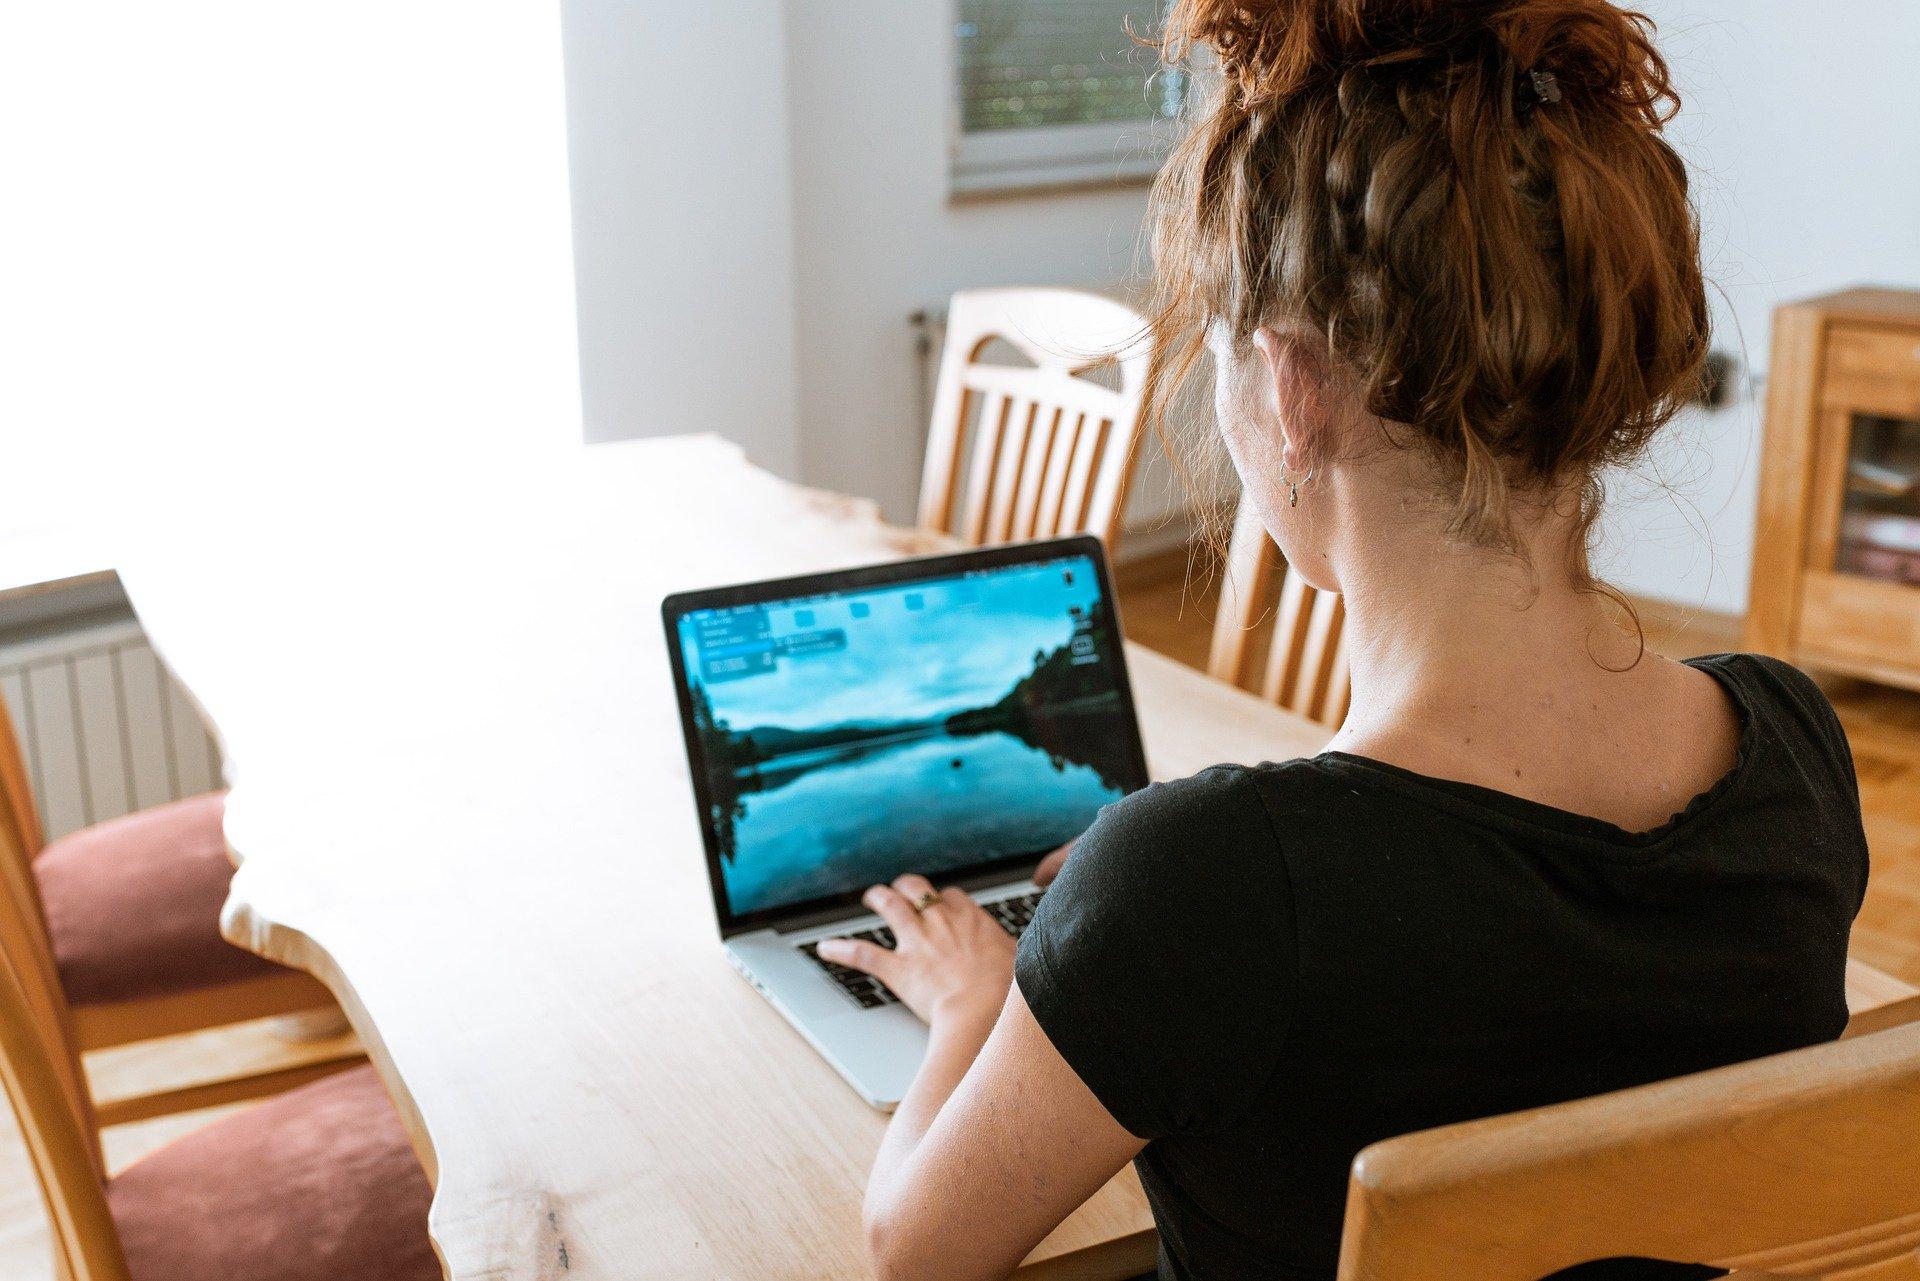 voorkom klachten van de nek en schouders door een goede werkhouding wanneer je thuis werkt